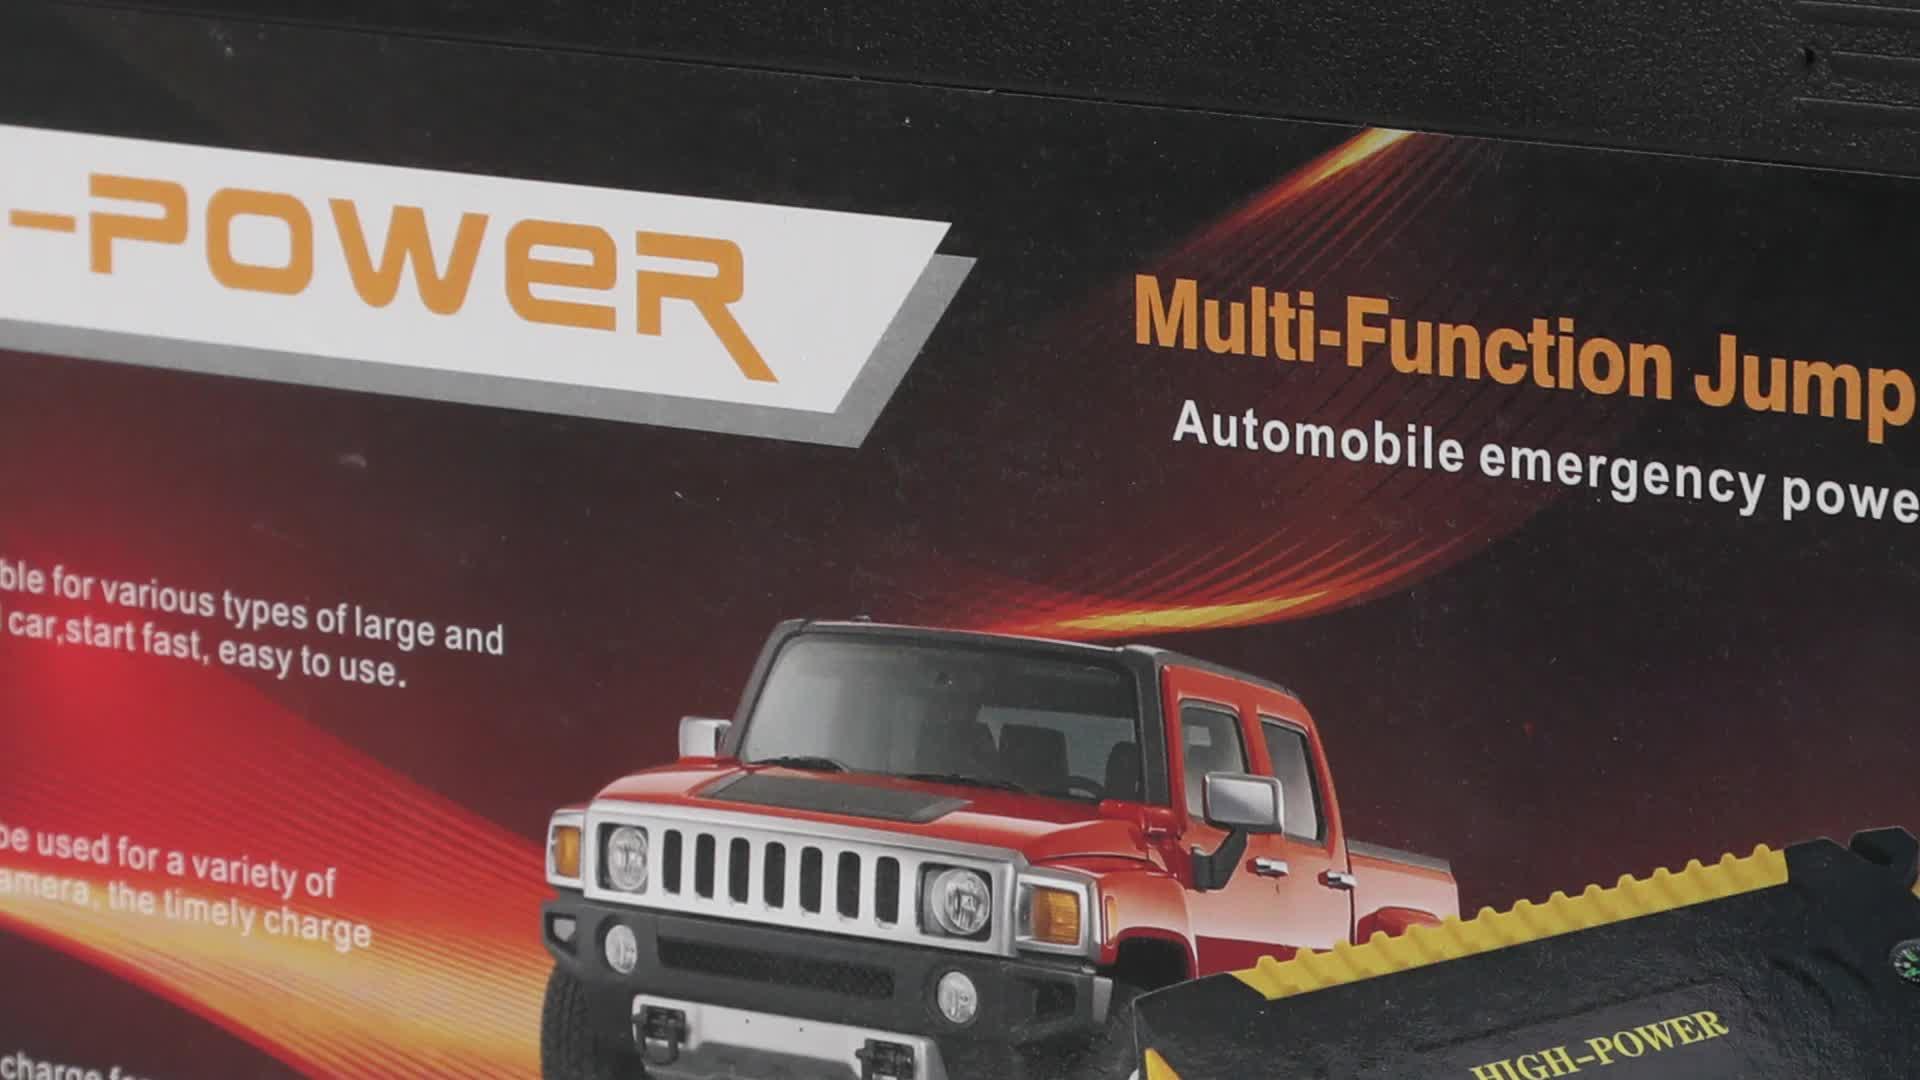 सबसे अच्छा बेच कार कूदना शुरू Multifunction 12v/24v कार शक्ति कूद स्टार्टर